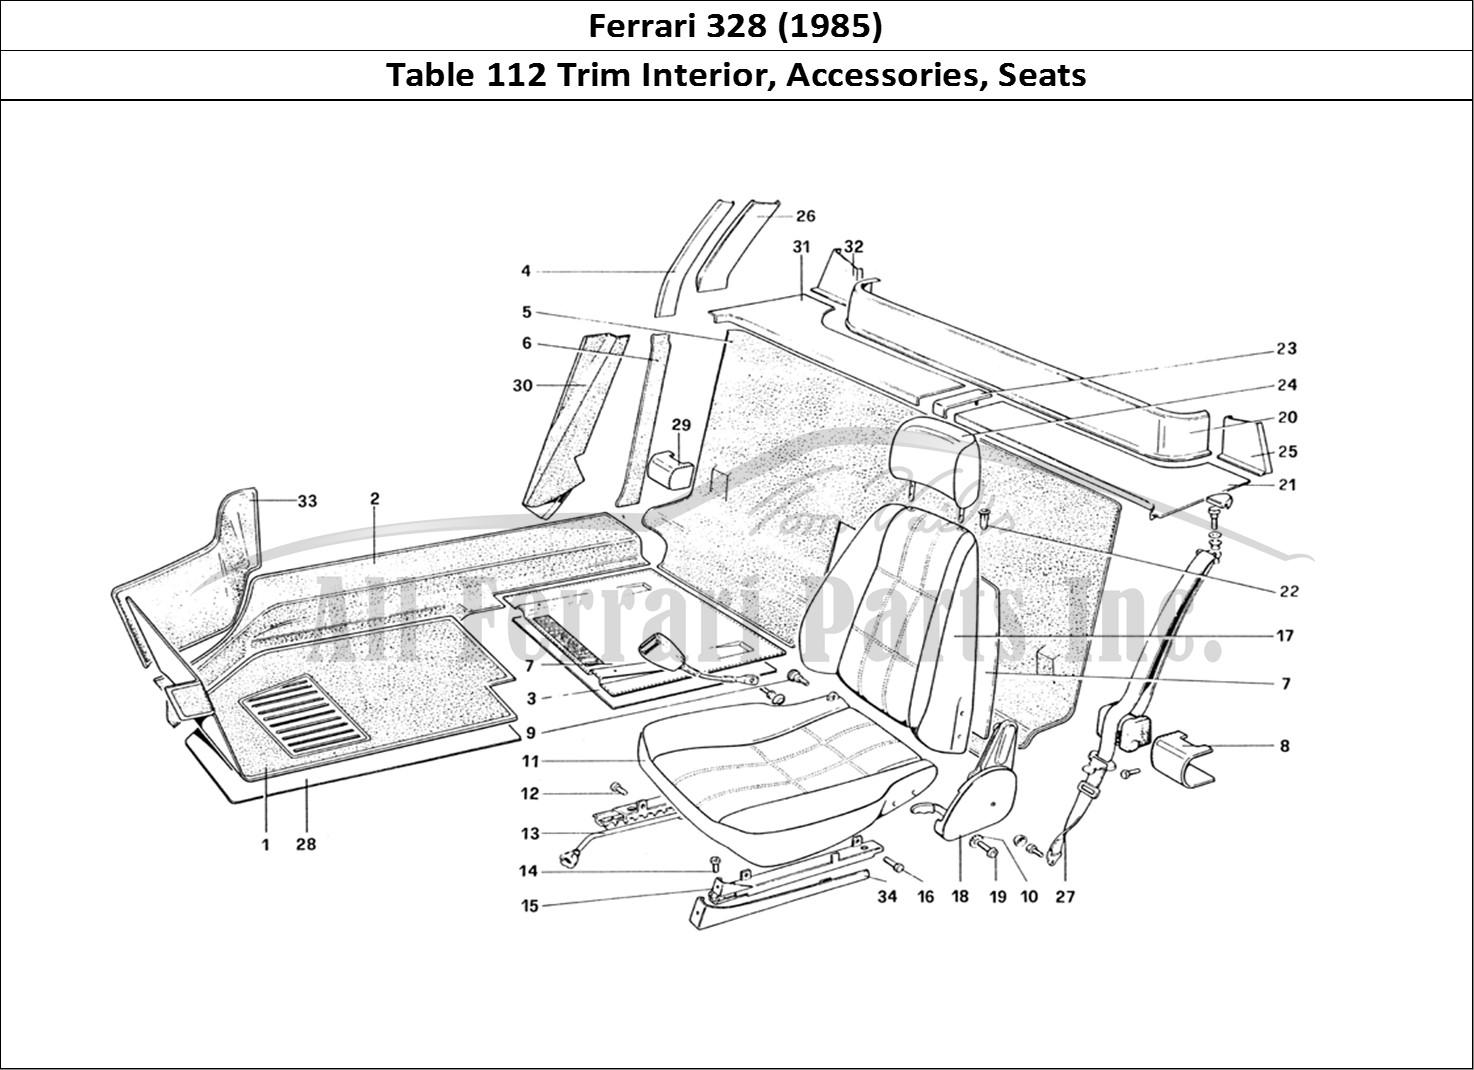 Buy original Ferrari 328 (1985) 112 Trim Interior